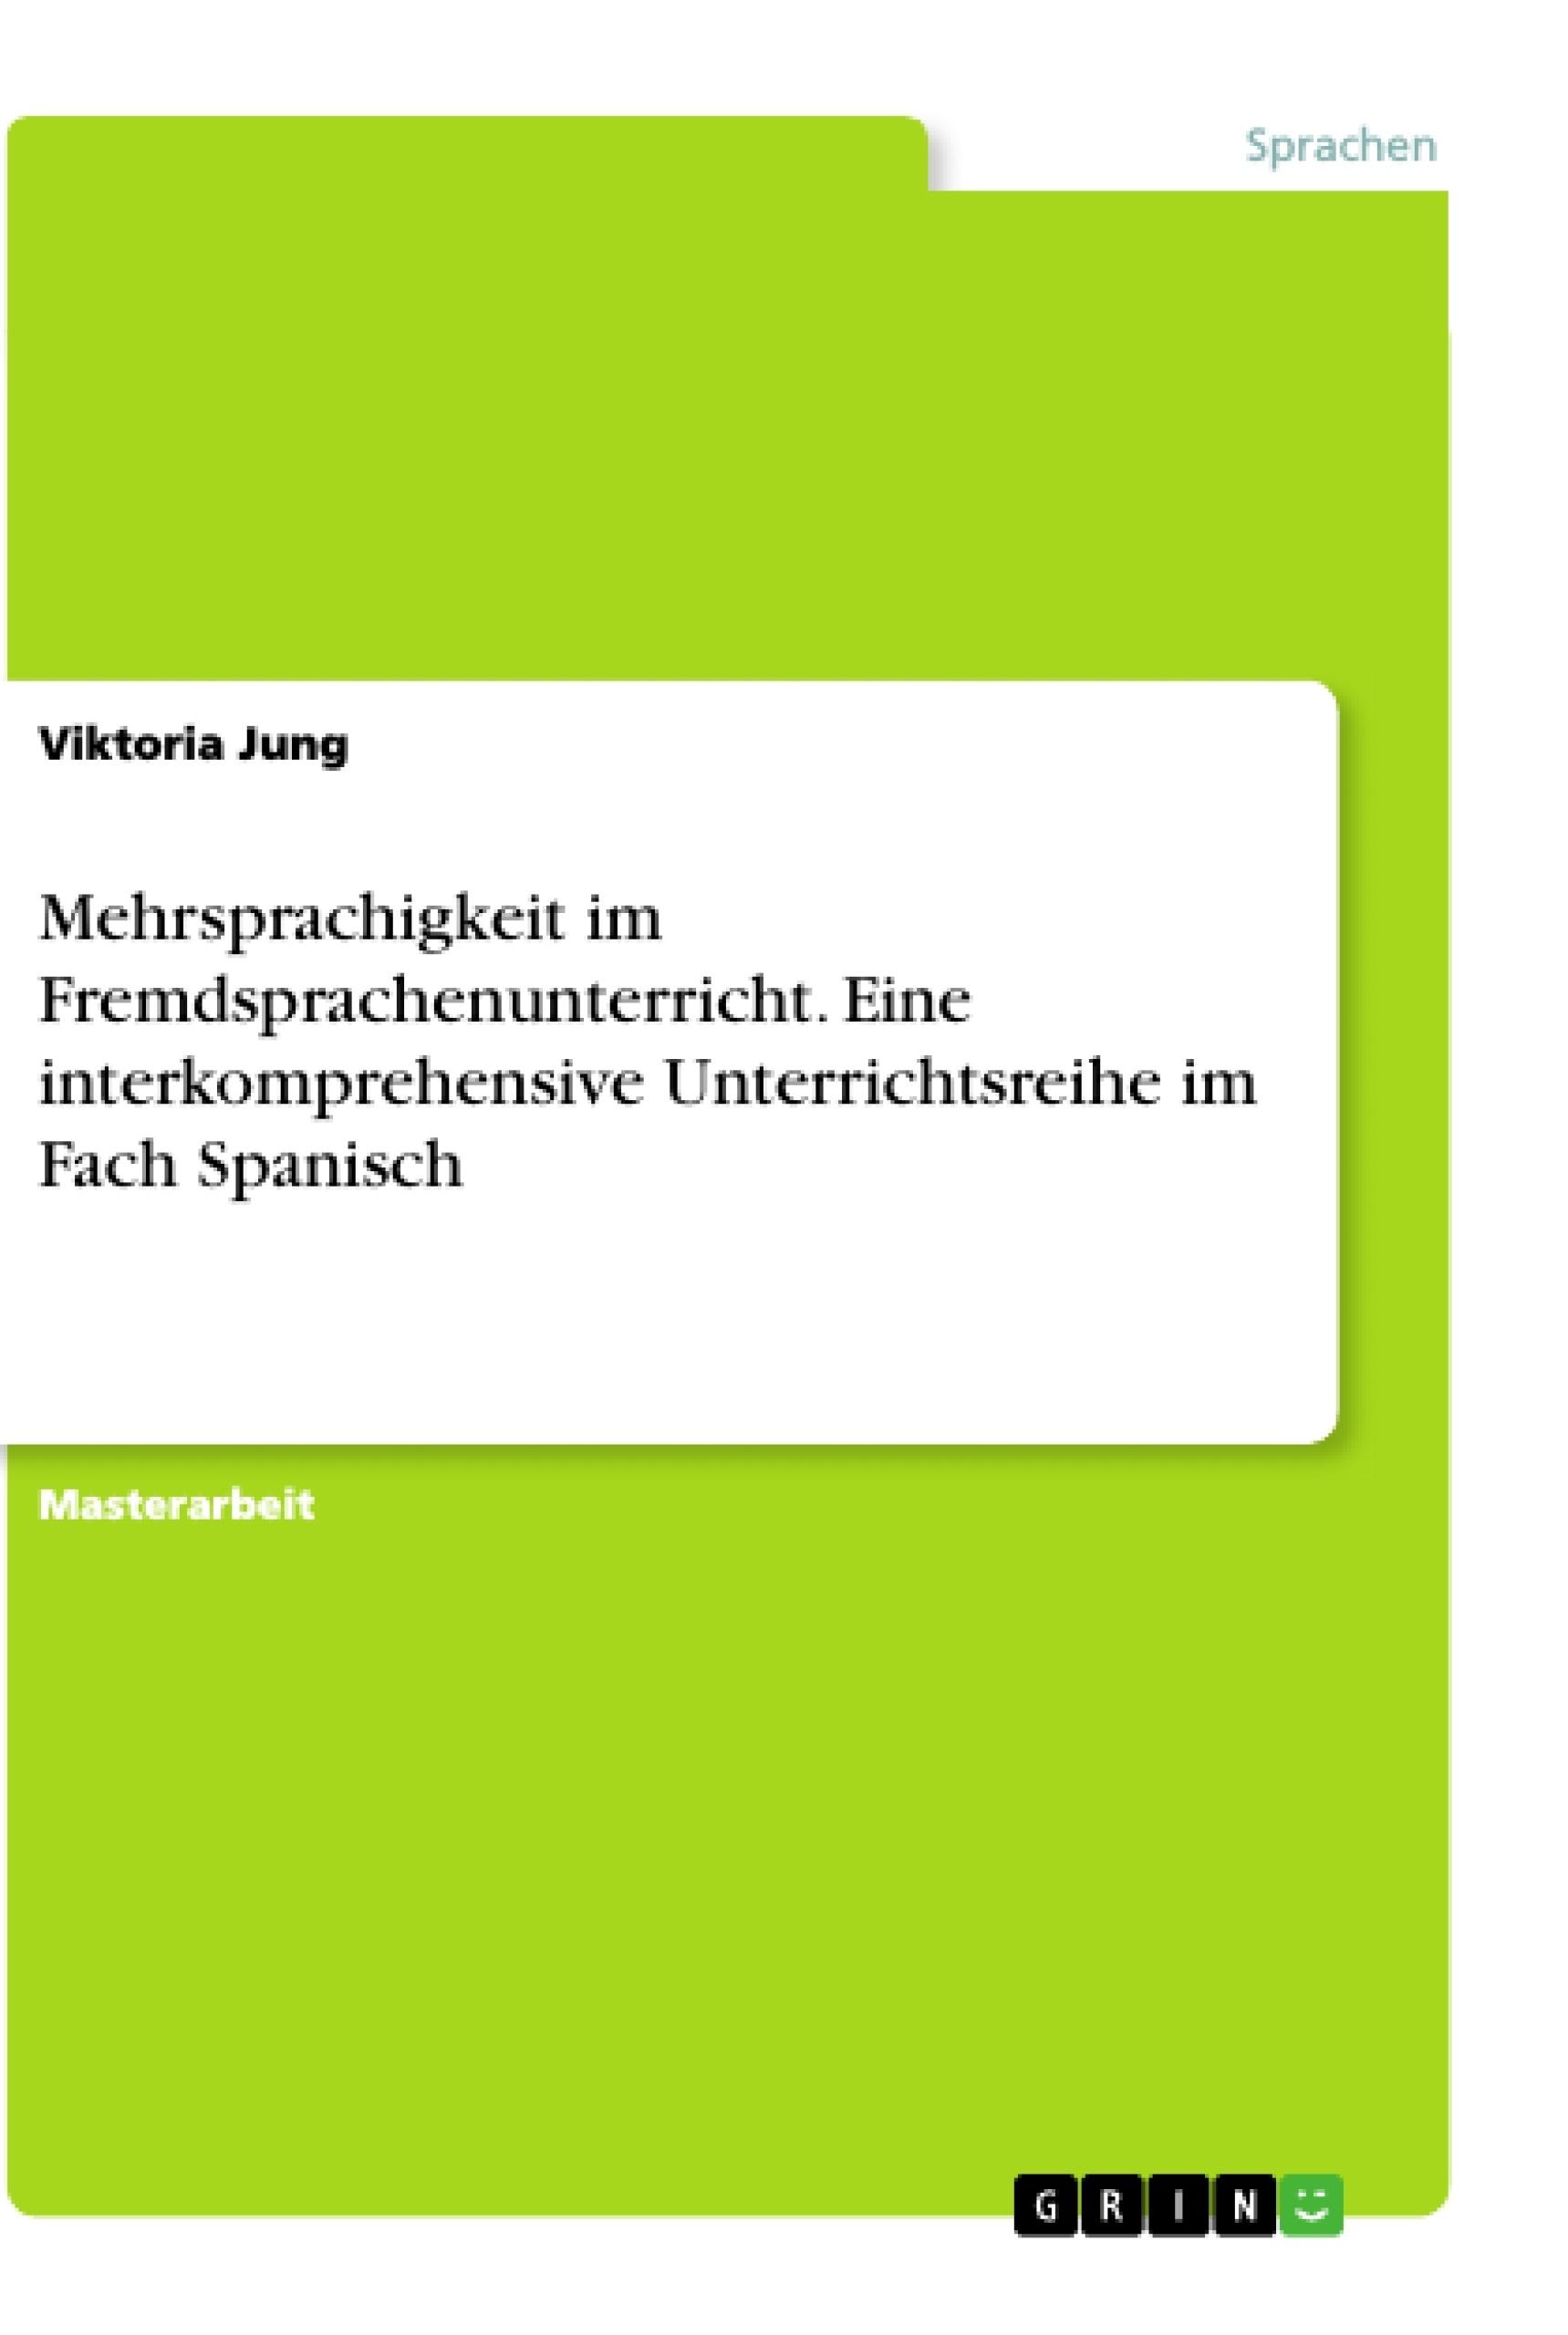 Titel: Mehrsprachigkeit im Fremdsprachenunterricht. Eine interkomprehensive Unterrichtsreihe im Fach Spanisch